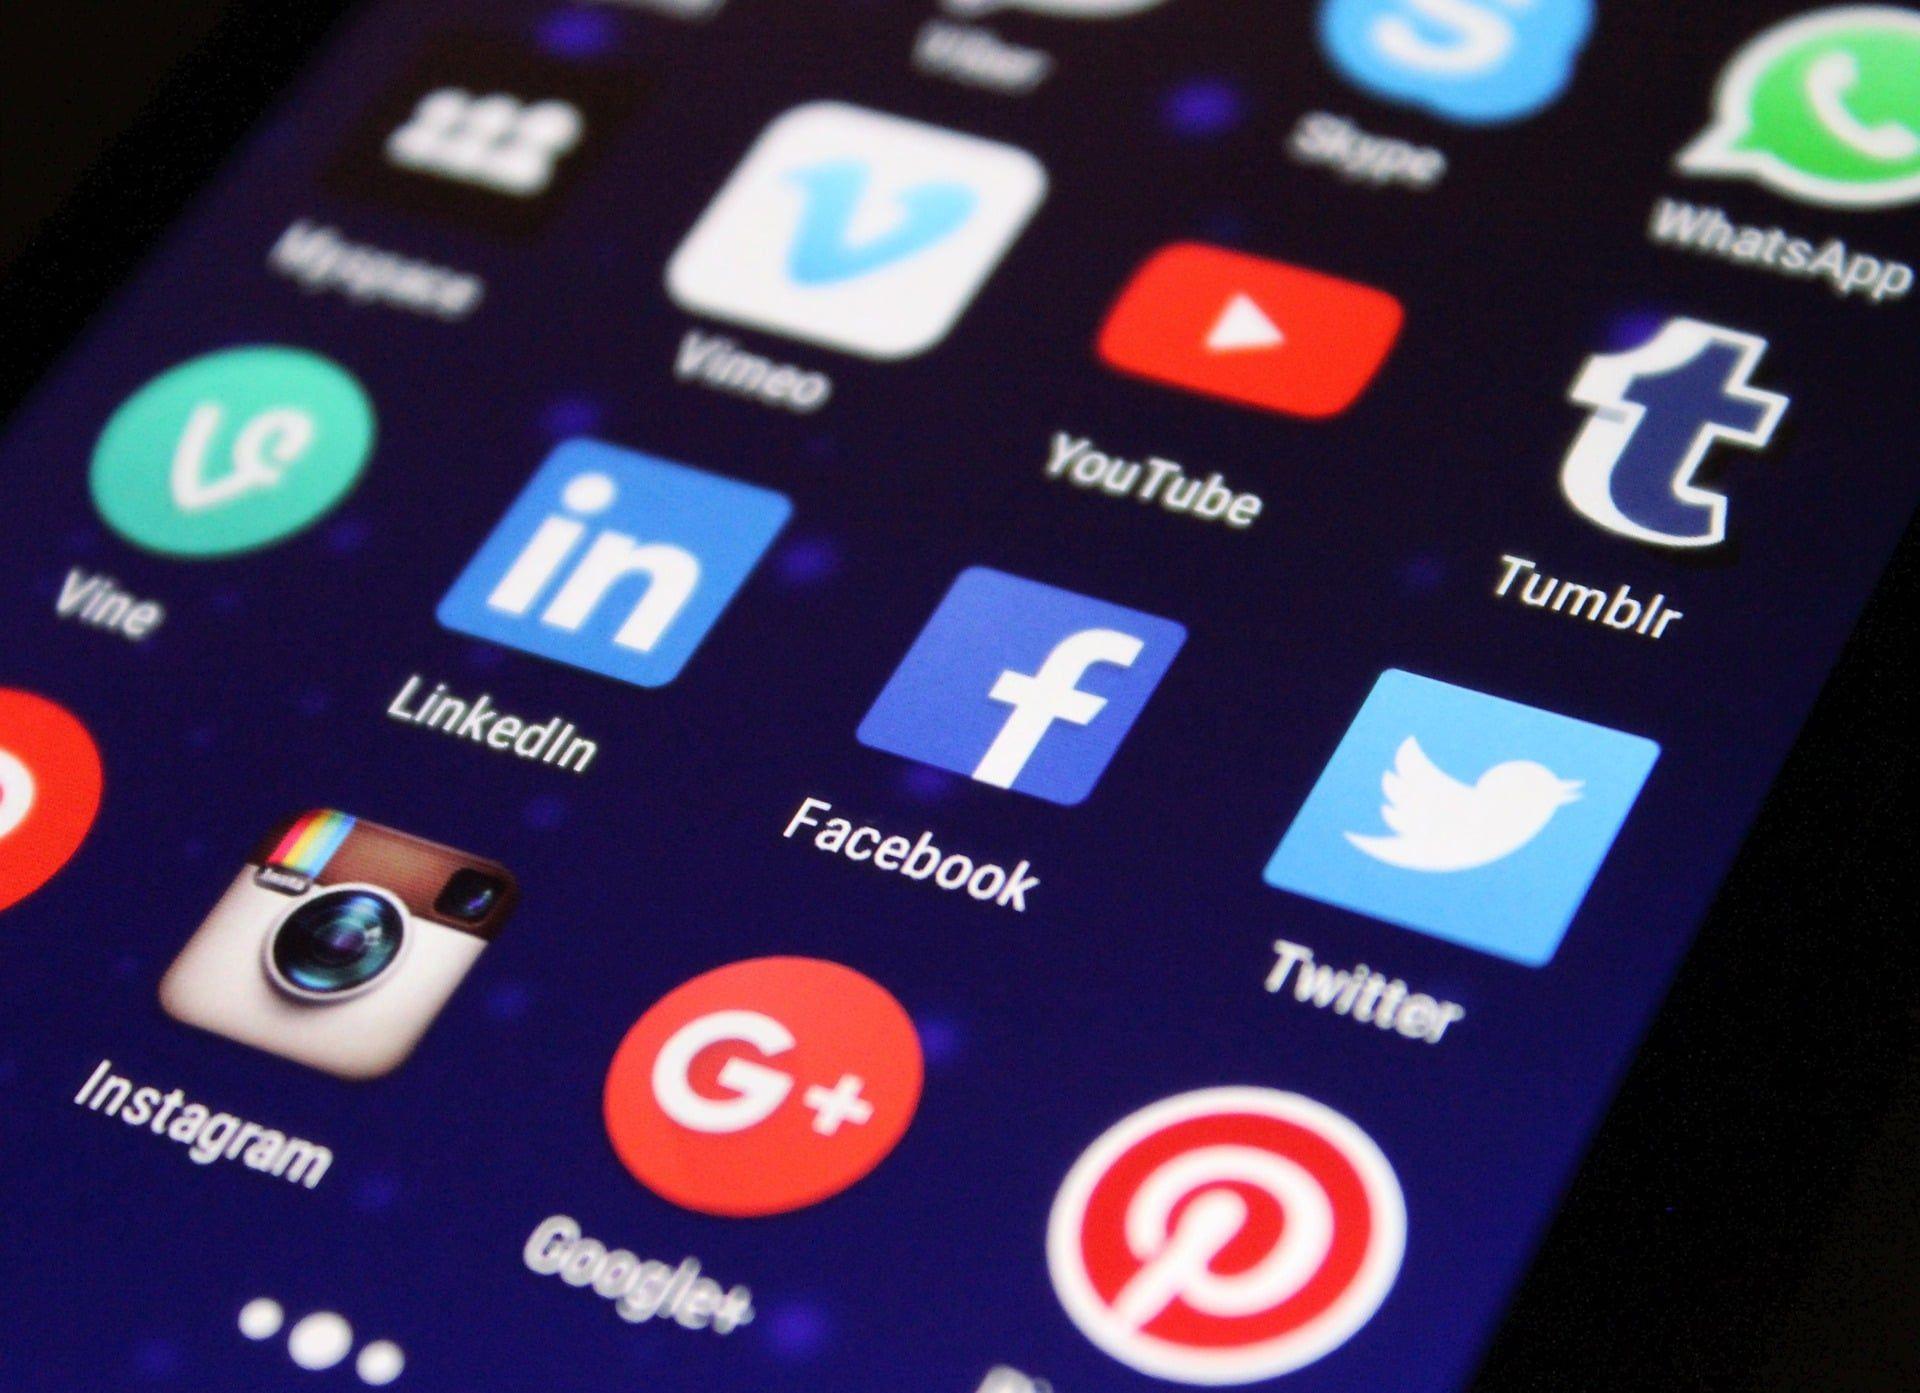 marketing_social_media